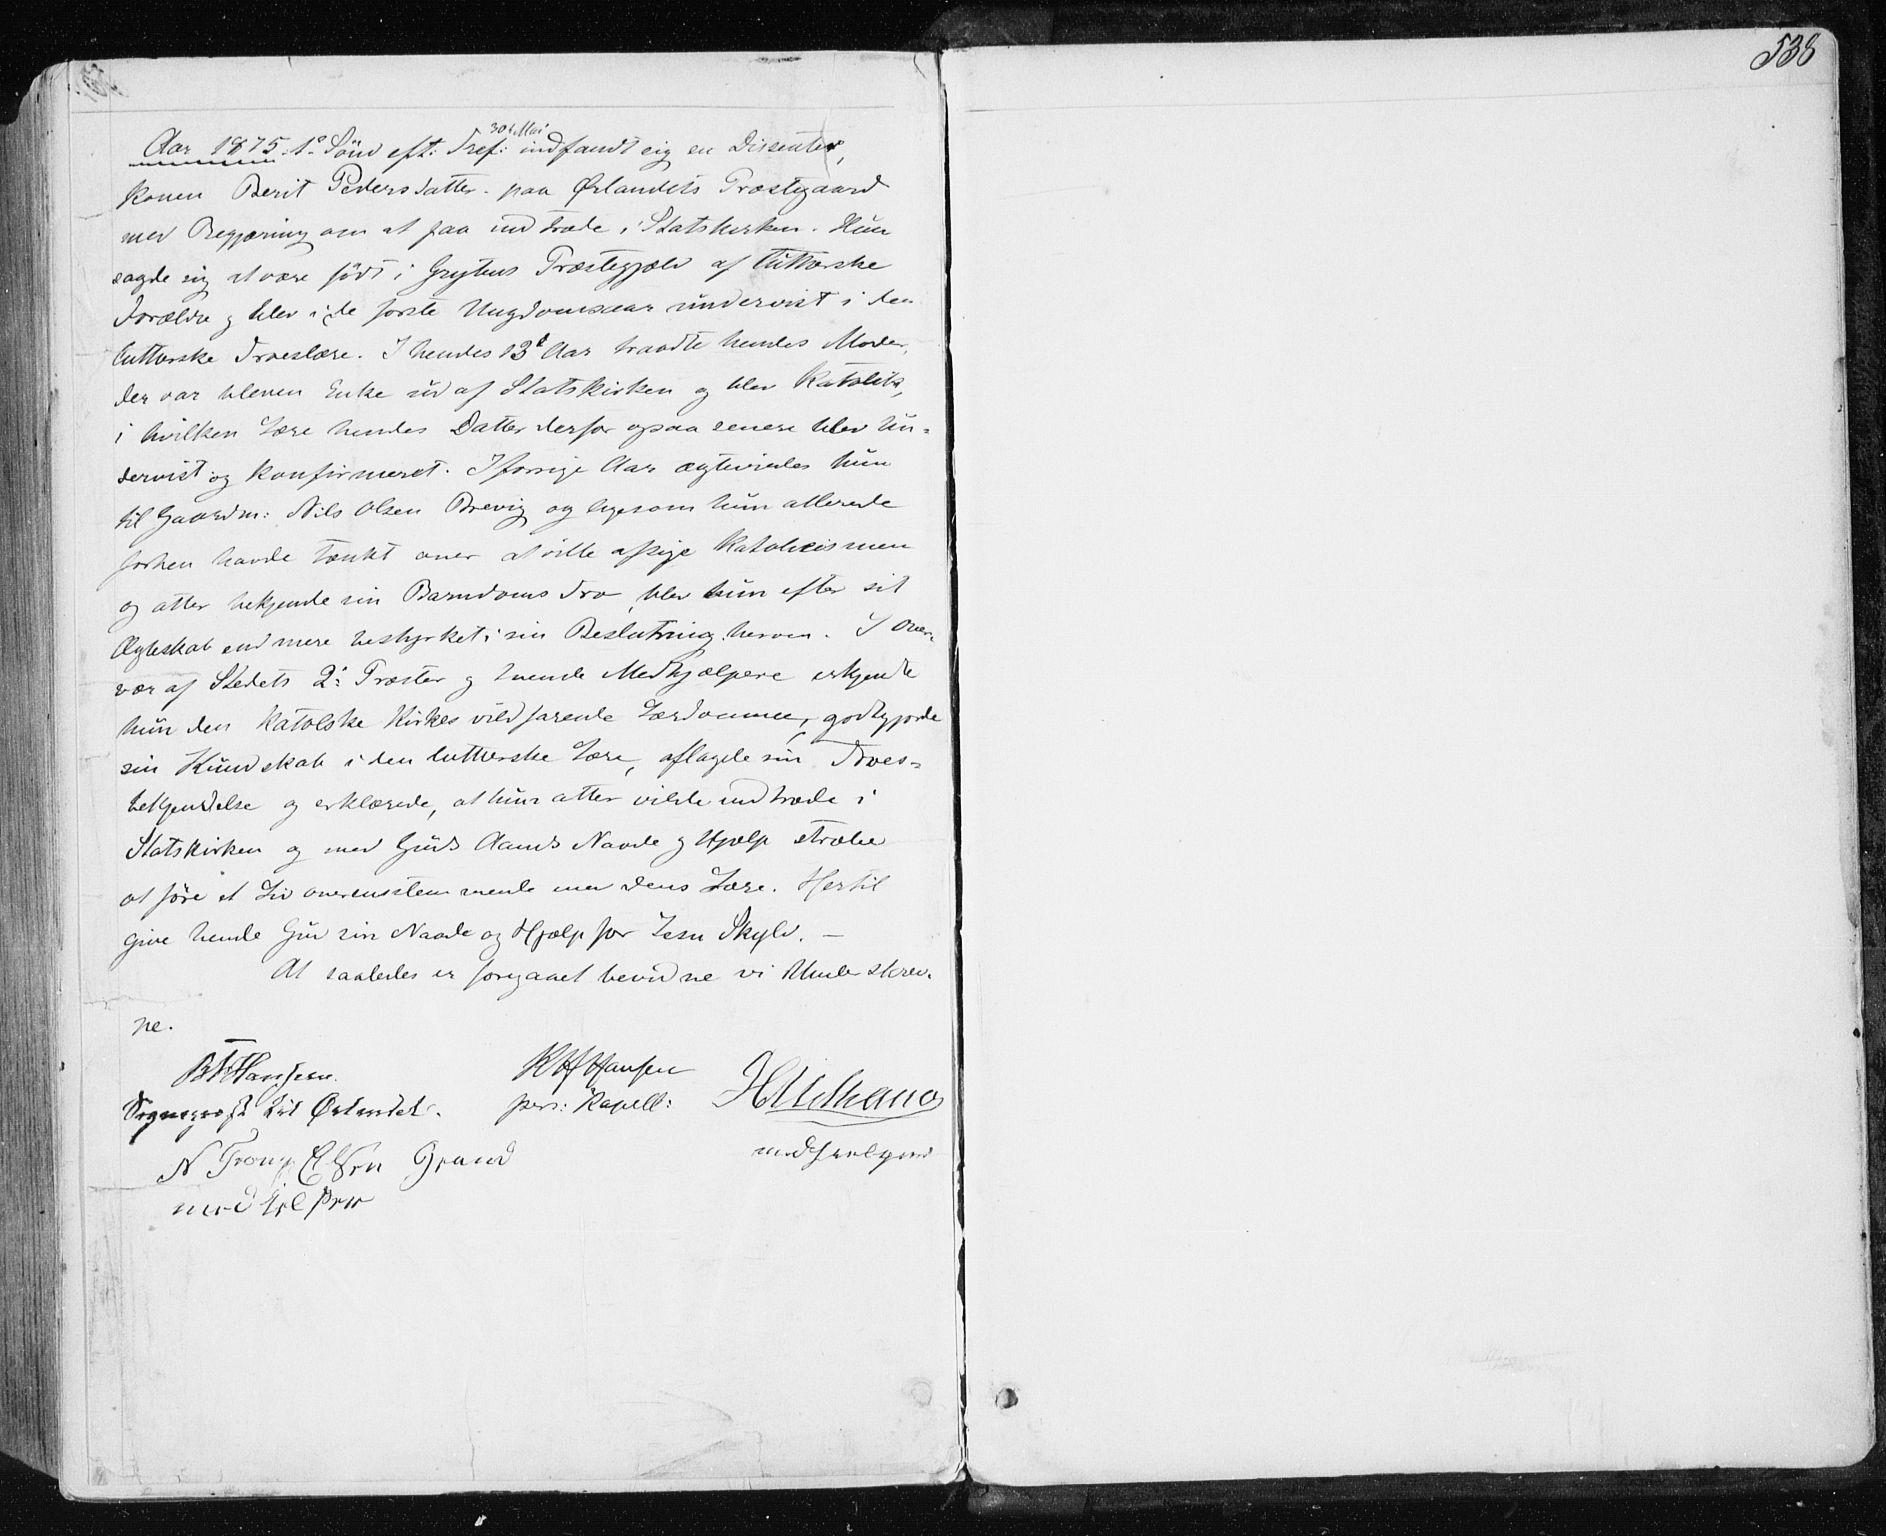 SAT, Ministerialprotokoller, klokkerbøker og fødselsregistre - Sør-Trøndelag, 659/L0737: Ministerialbok nr. 659A07, 1857-1875, s. 538